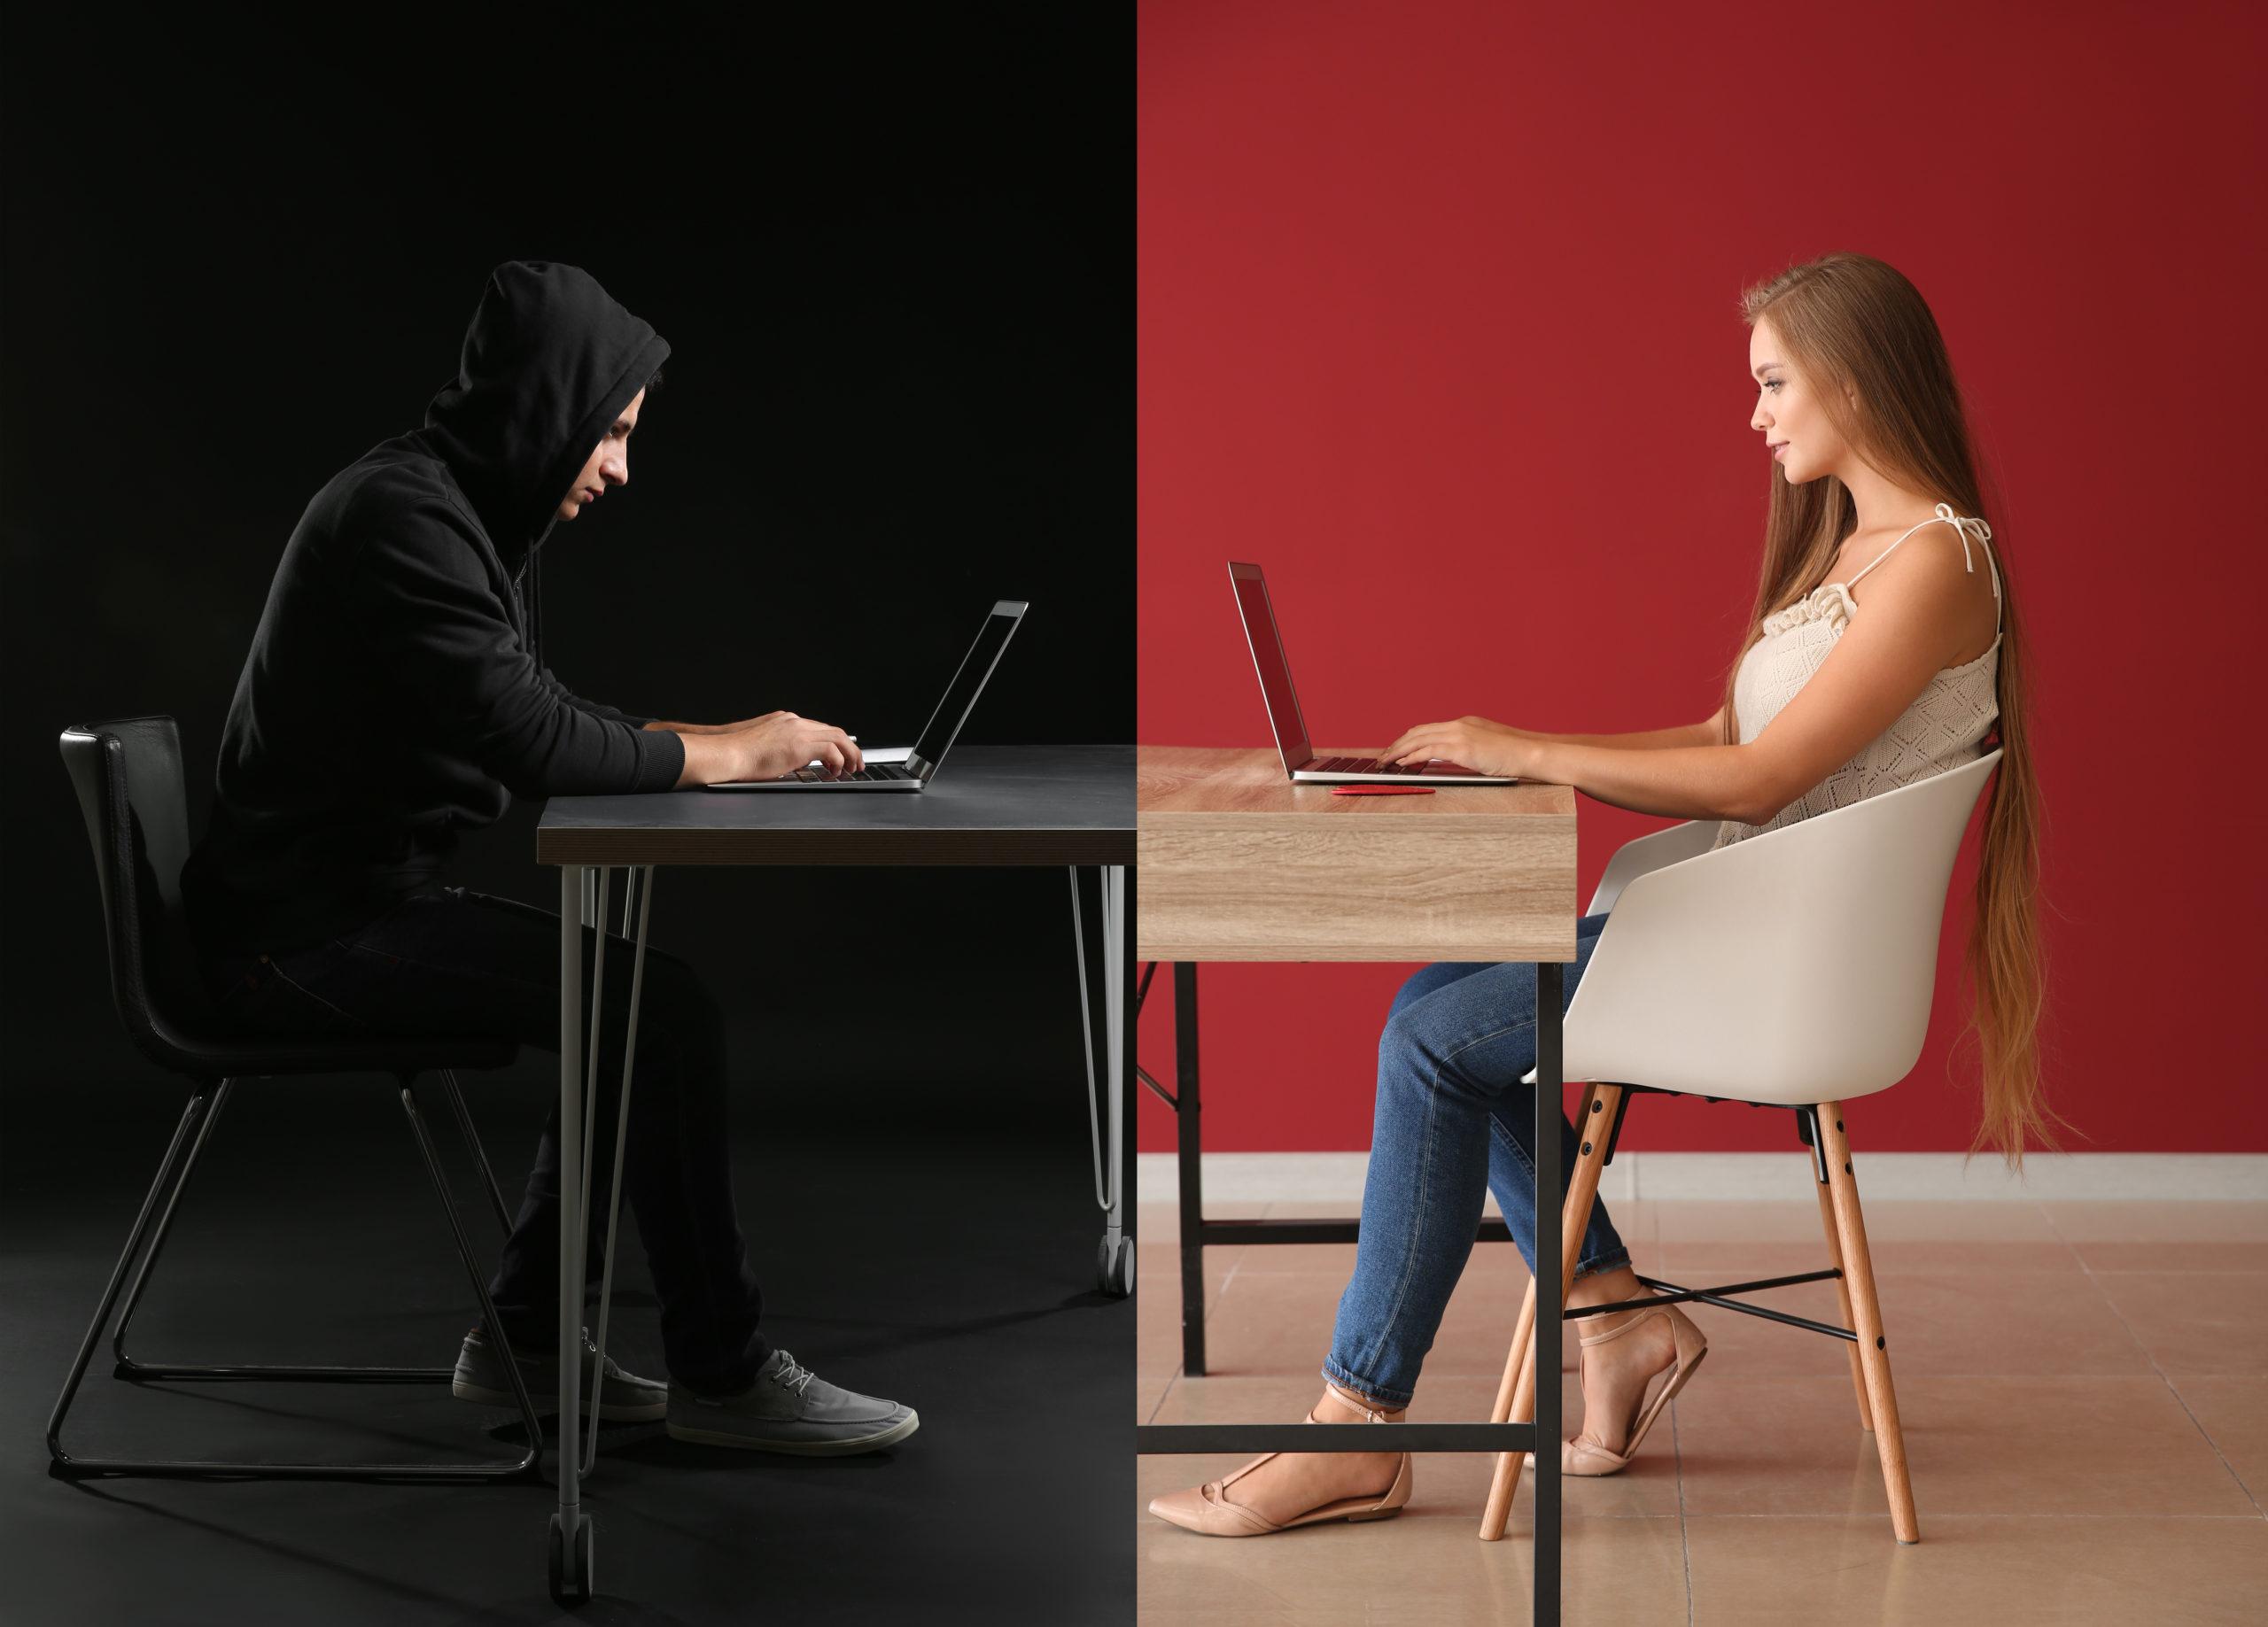 Fraudes cibernéticos: ¿cómo podemos evitarlos?